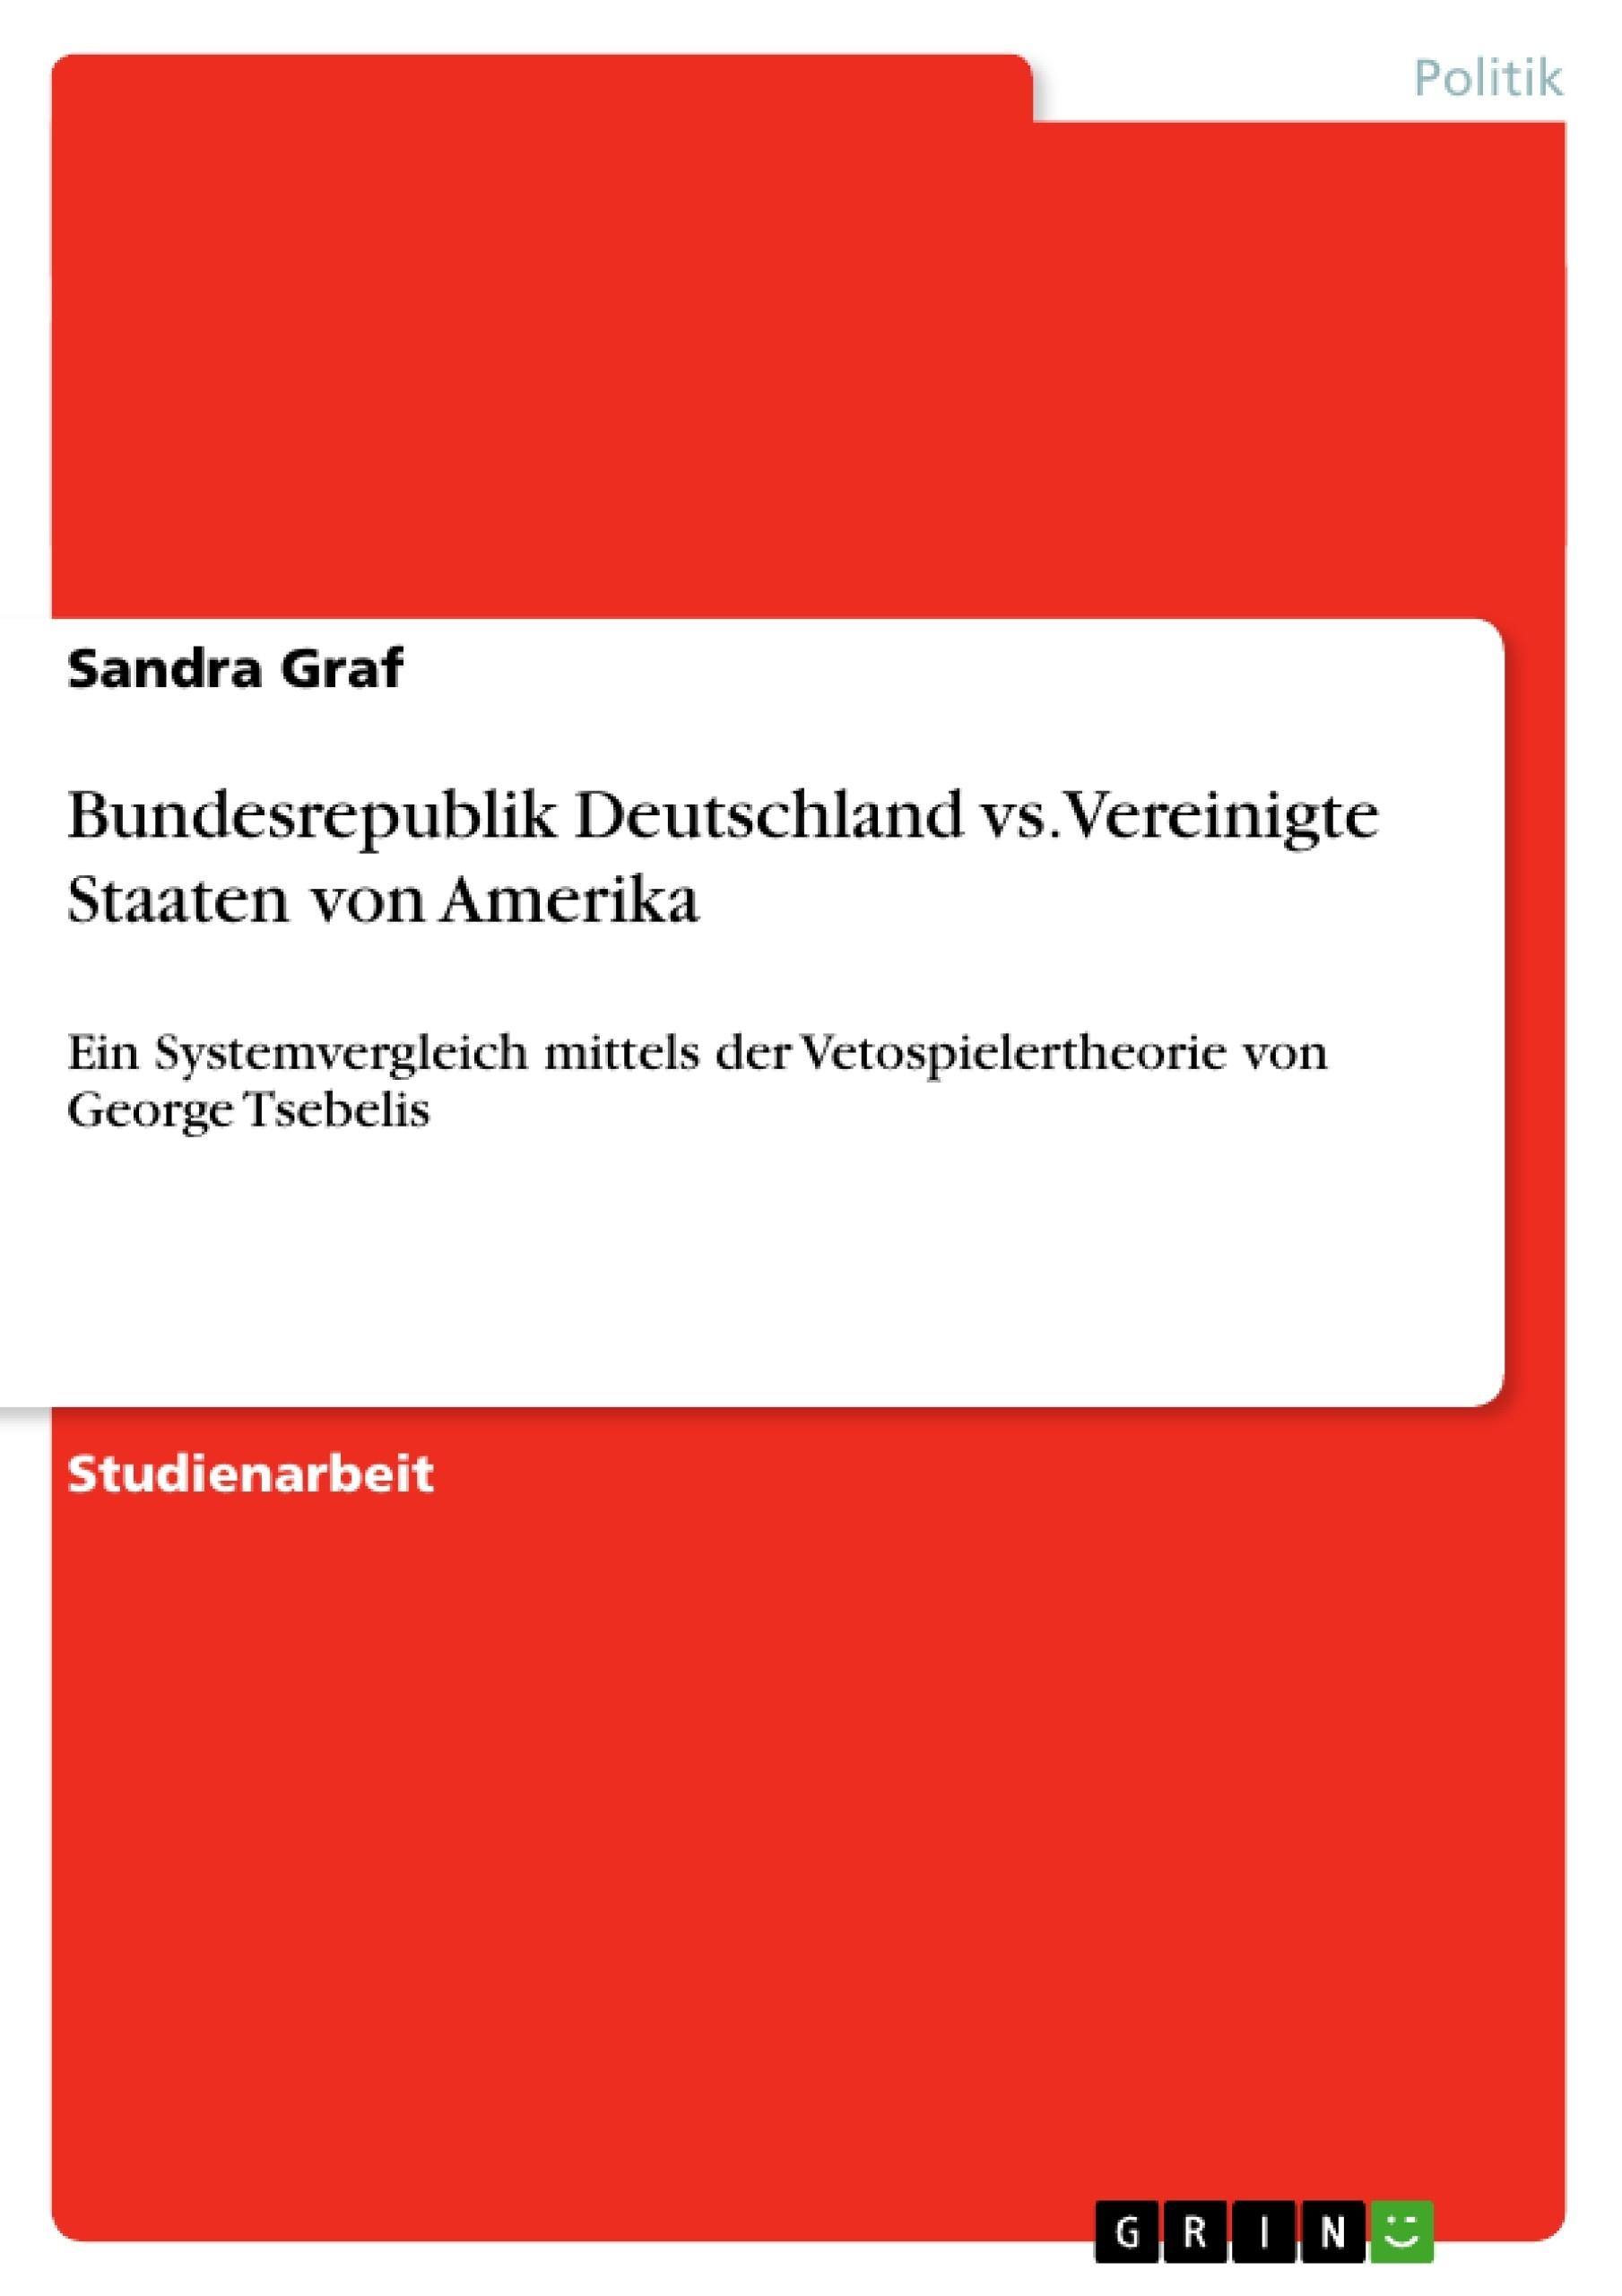 Titel: Bundesrepublik Deutschland vs. Vereinigte Staaten von Amerika